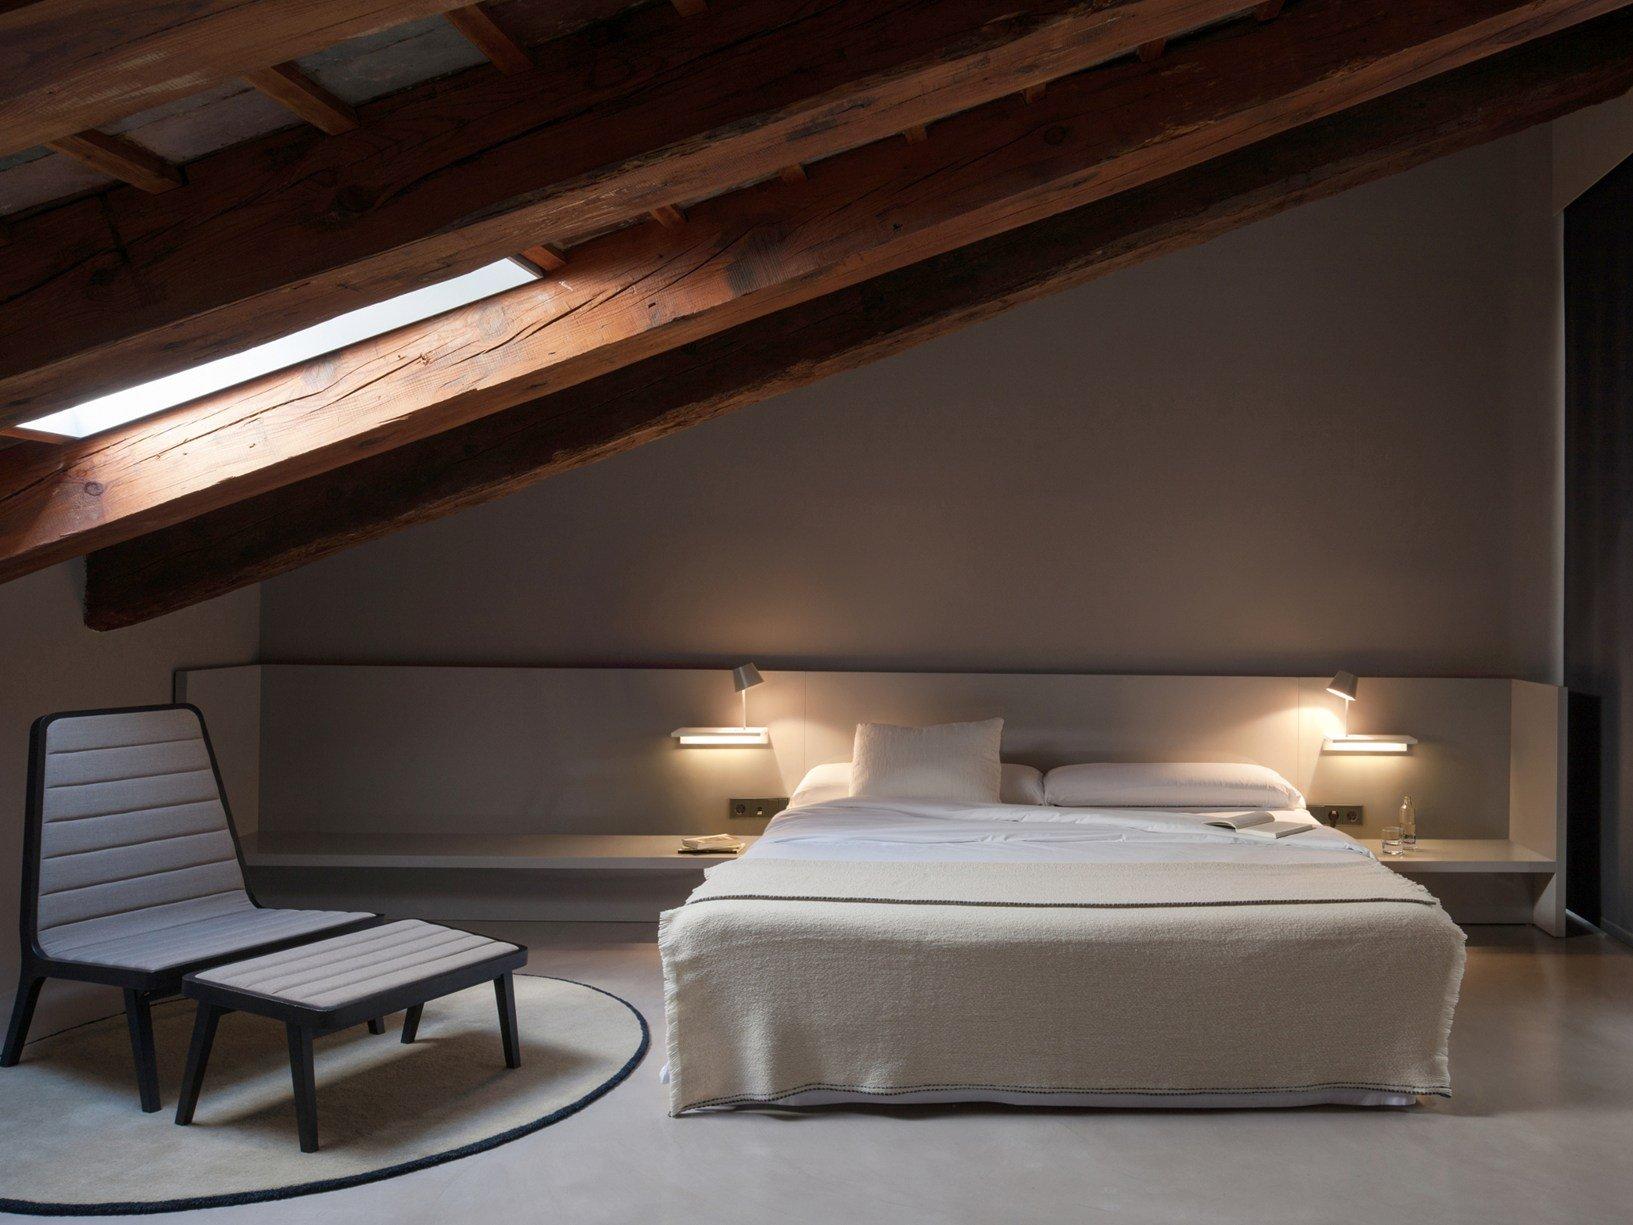 Illuminare la camera da letto - Illuminare la camera da letto ...